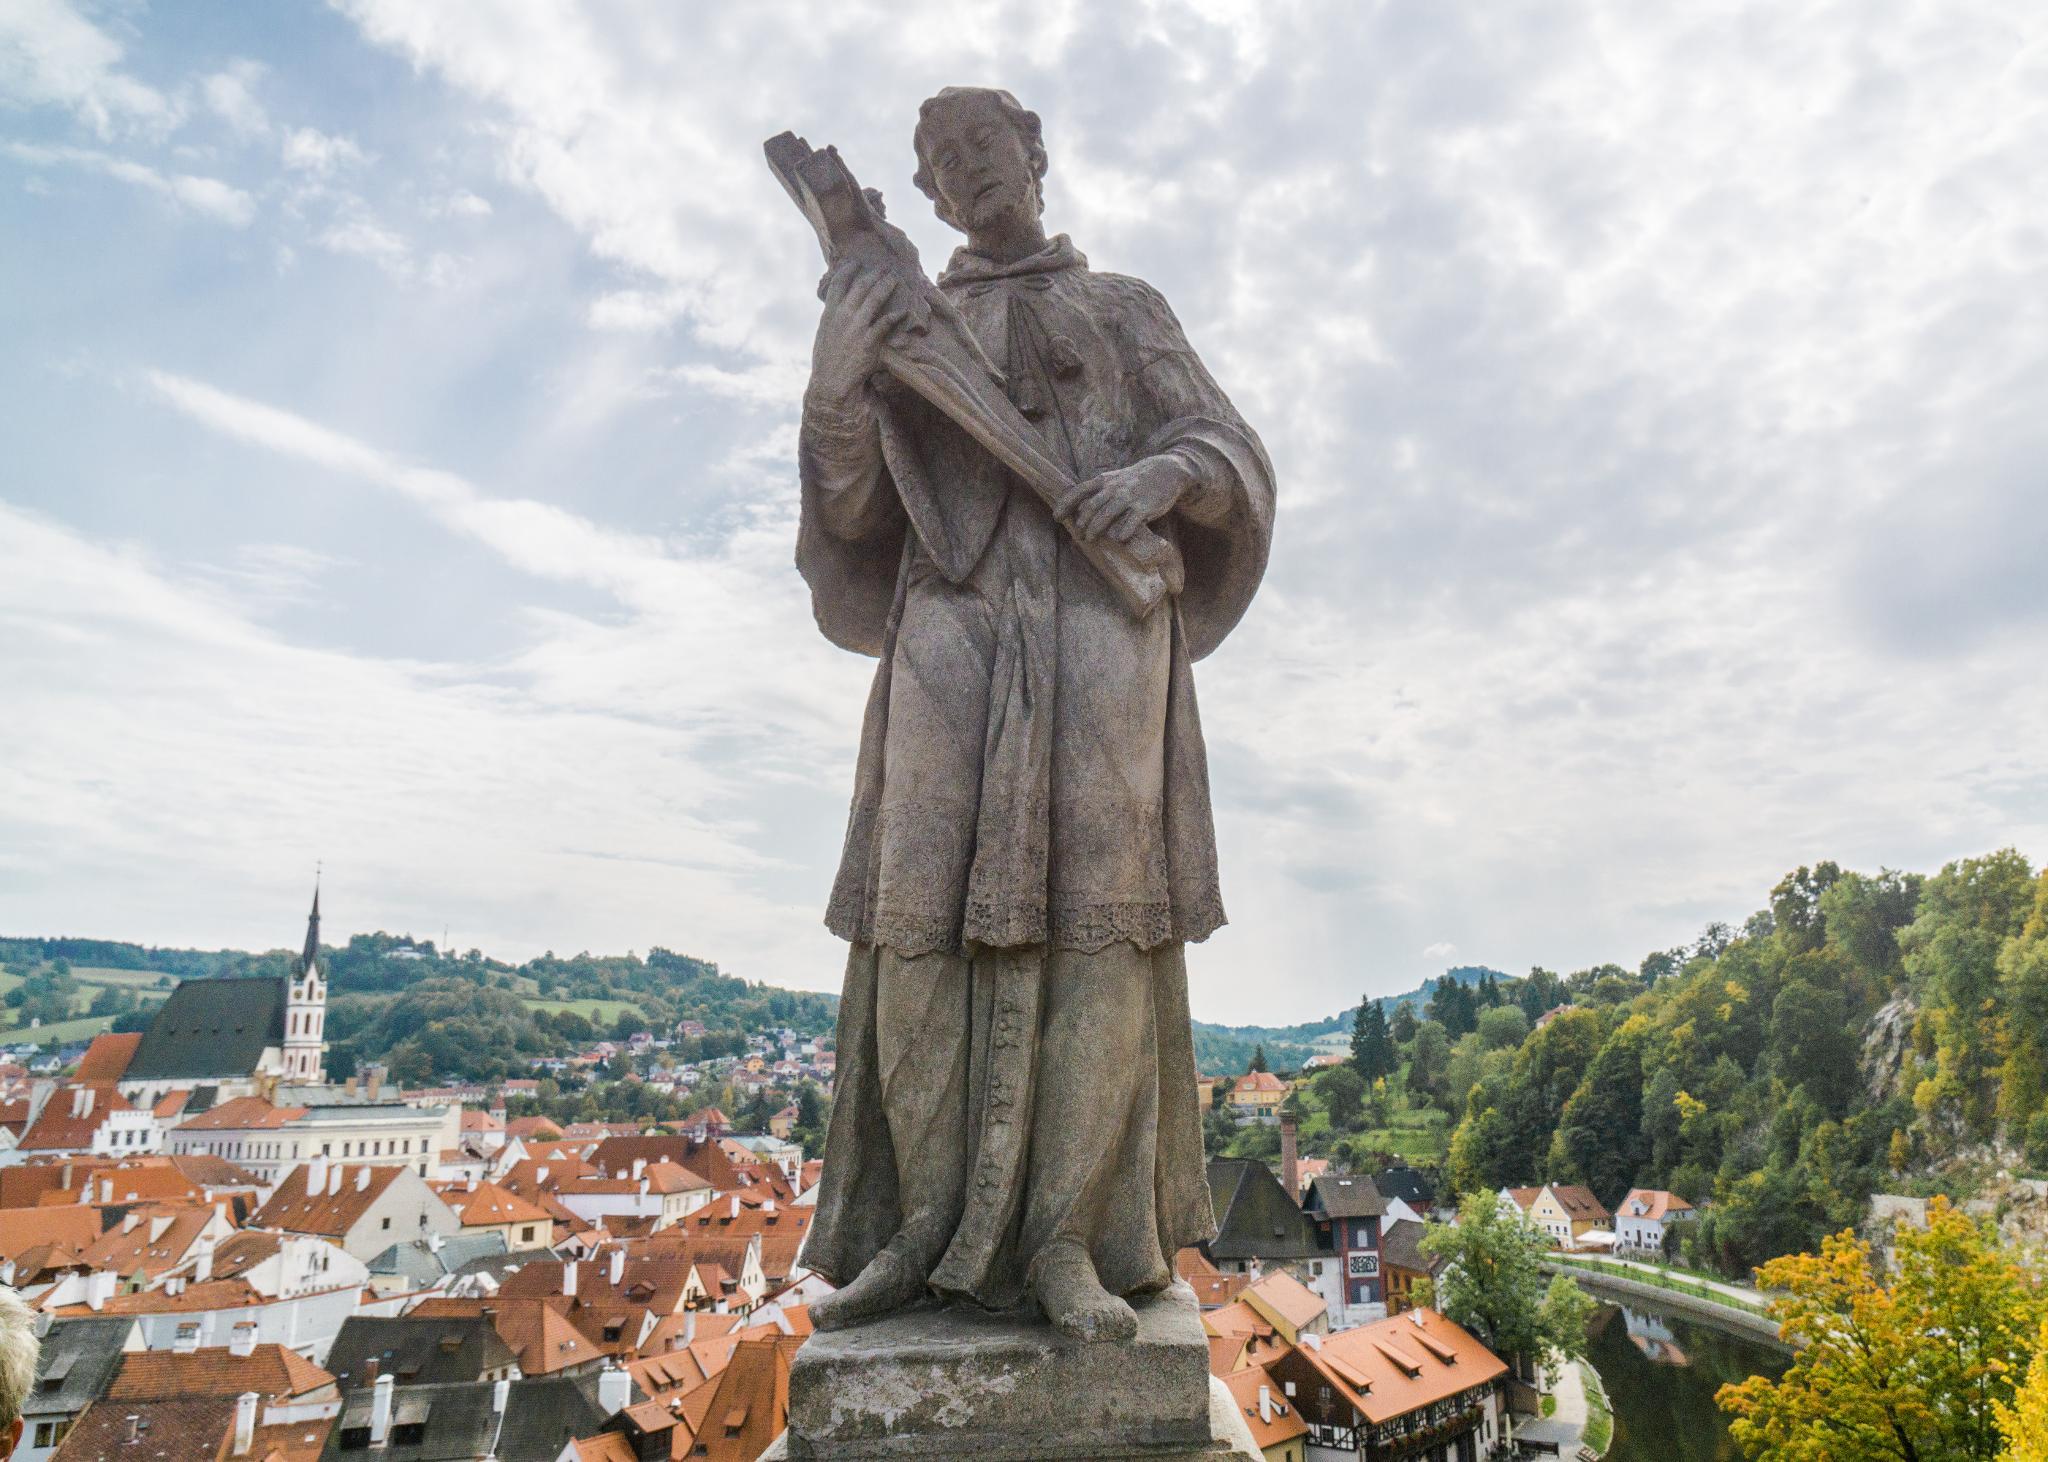 【捷克】穿越時空的波希米亞狂想曲 — Český Krumlov Castle 庫倫諾夫城堡 24